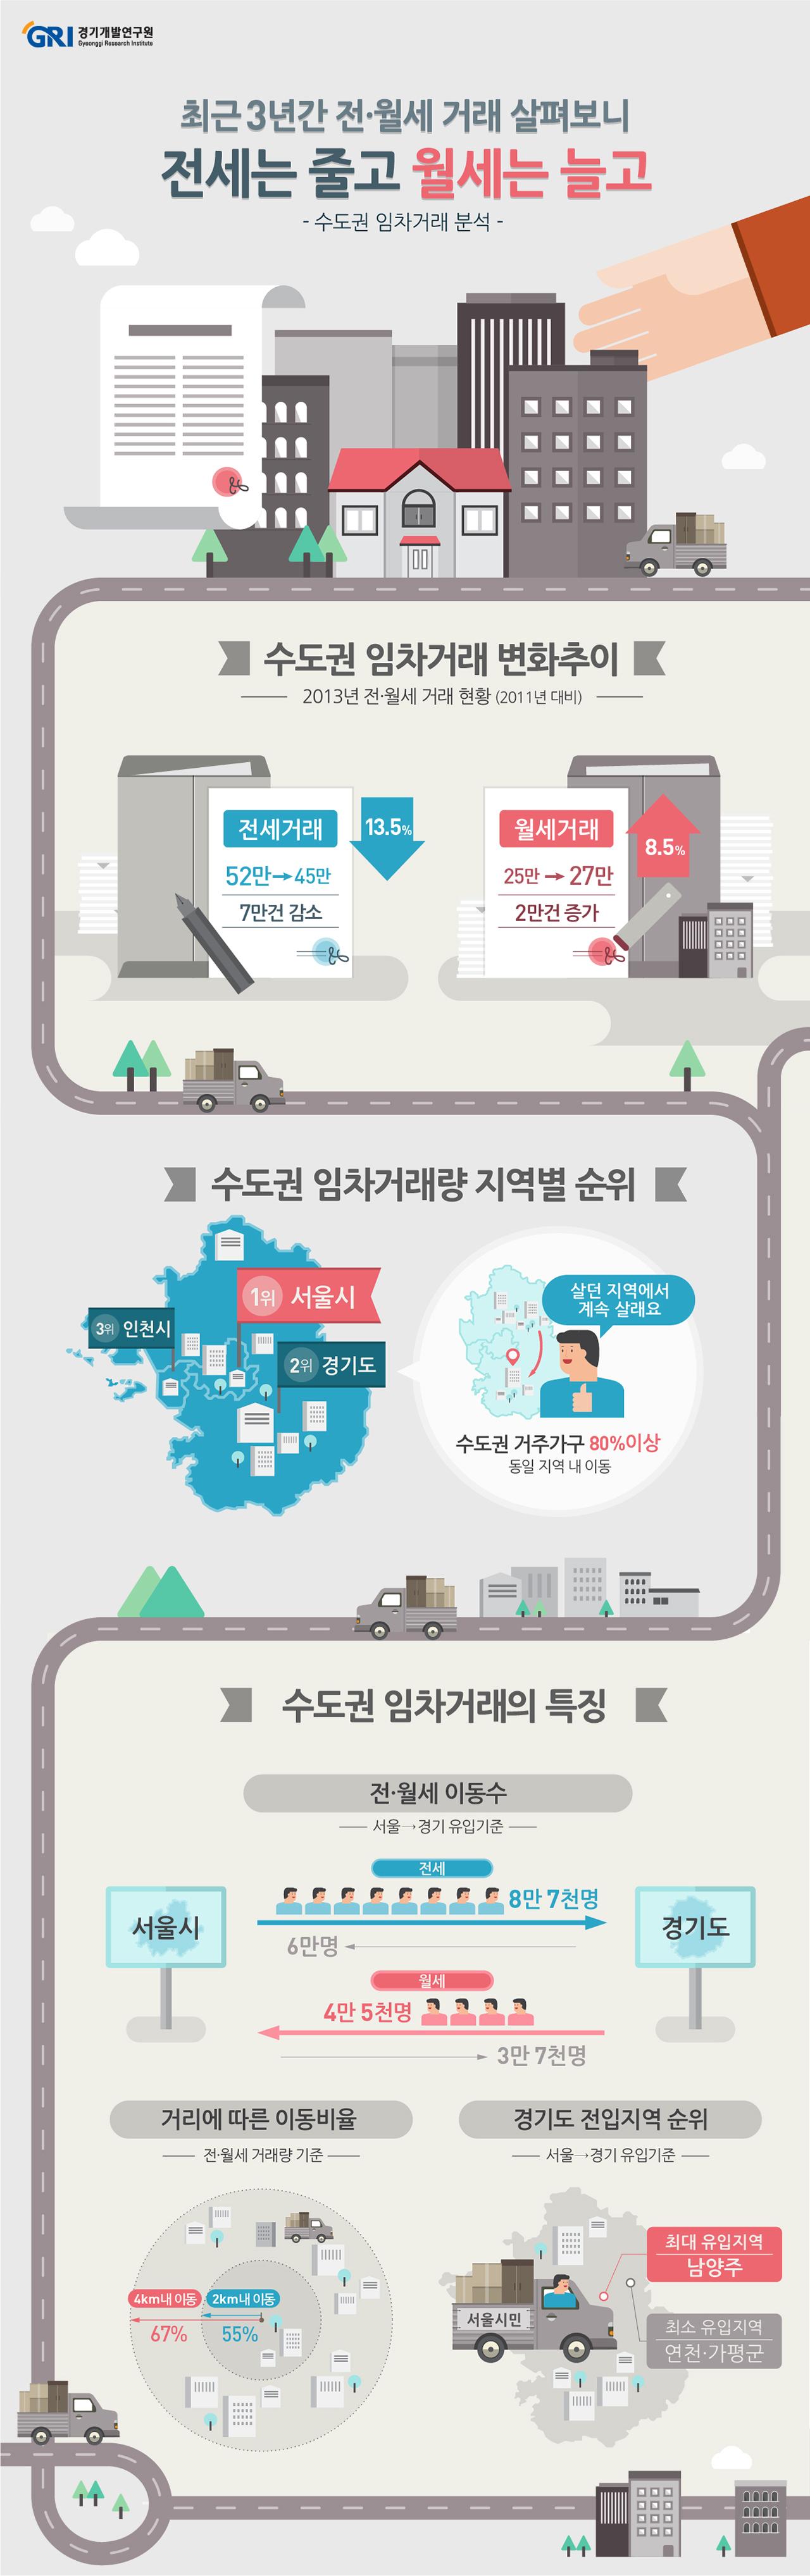 □ 분석 결과 ○ 2011년 1월부터 2014년 6월까지 이동한 수도권 신규 임차거래(약 238.4만건)를 분석  ○ 2011년 대비 2013년 월세거래 8.5%(2.1만건) 증가, 전세거래 13.5%(7.1만건) 감소 - 월세거래의 74.8%가 월 임대료 60만원 미만(43.4%는 40만원 미만), 전세거래의 68.5%가 보증금 1억5천만원 미만(48.4%는 1억원 미만), 3억 이상은 6% - 월세거래의 38.5%, 전세거래의 21.9%가 40㎡ 이하 주택으로 이주하며, 전세거래의 평균 주택면적이 월세보다 11.3㎡ 정도 큼 - 월세거래의 44.4%가 단독 다가구주택으로 이주했고 전세는 51.7%가 아파트로 이주  ○ 지역별 임차거래는 서울시가 가장 많고 경기도, 인천시 순이며 세 지역 모두 거래량의 80%이상이 지역내 이동 - 특히 서울시의 내부이주율이 월세 89.7%(전출기준), 90.7%(전입기준)로 가장 높음   ○ 이동거리 분석 결과 월세와 전세 모두 이동거리 2km 미만이 전체의 약 55% 내외, 4km 미만이 전체의 약 67%를 차지하고 전세보다 월세거래의 이동이 더 긴 편  - 월세거래의 평균 이동거리는 월 임대료 40~60만원 미만일 경우 7.3km로 가장 길고, 저소득층이 대다수인 20만원 미만인 경우가 4.9km로 가장 짧음 - 전세거래는 보증금 5천원 미만에서 평균 이동거리와 편차가 각각 7.3km, 13.2km로 가장 크고, 3억원 이상일때 5km, 7.6km로 가장 작음 - 전출기준 평균 이동거리는 인천시, 경기도, 서울시 순으로 긴 편임 - 40㎡ 이하 주택에 거주하는 임차인의 이동거리가 월세 8.2km, 전세 7.8km로 가장 길고, 40㎡ 초과 주택에서는 면적이 커질수록 이동거리가 증가함  ○ 서울시와 경기도간 월세거래의 경우, 서울시에서 경기도로 이주(36,879건)보다 경기도에서 서울시로 이주하는 빈도(45,109건)가 큼 - 경기도에서 서울시로 이주하는 가구의 평균 월 임대료는 53.5만원이며, 서울시에서 경기도로 이주하는 가구는 53.7만원으로 비슷함 - 비슷한 임대료 수준을 보이나 평균 주택면적은 서울시에서 경기도로 이주한 가구가 경기도에서 서울시로 이주한 가구보다 15.1㎡ 넓어 주택의 물리적 수준은 차이가 발생할 수 있다고 판단됨       ○ 서울시와 경기도간 전세거래는 월세와는 반대로 서울시에서 경기도로의 이주(87,108건)가 경기도에서 서울시로 이주(59,794건)보다 더 많음 - 경기도에서 서울시로 이주한 전세가구는 서울시에서 경기도로 이주한 가구보다 평균적으로 전세 보증금을 1천4백만원 정도 더 부담하지만 주택면적은 13.5㎡ 작음 - 서울시에서 경기도로 가장 많이 이주한 지역은 냠양주시이며, 연천 가평군, 여주시 로의 이주 규모는 작음  ○ 경기도에서 서울시로 가장 많이 이주한 지역은 관악구이고 다음으로 송파 강남구 순이며, 용산 종로 중구 등 도심으로의 이주는 적음 - 광교신도시의 경우, 용인시 수지 기흥구, 수원시 영통구에서의 전입이 월세거래의 59.9%, 전세거래의 55.3%를 차지하며 서울시 강남 송파구는 1%대 수준으로 대부분 경기도에서 전입   □ 정책제안 ○ 민간임대주택 공급 활성화 필요 - 임대사업자의 투자금 공제 확대, 신축 민간임대주택에 대한 주택도시기금 융자 지원  ○ 임대시장 구조 전환에 따른 월세가구 중심 주거지원 정책 전환 필요 - 경기도 주택종합계획에 기초한 맞춤형 임대주택 사업 지속추진 - 주거급여사업 조기 시행 추진을 정부에 건의  ○ 경기도 및 주변 지자체간 주거이동 등 주택시장 모니터링 체계구축 필요 - 실거래가 자료 등 주택 및 부동산 관련 정보 축적, 주기적 시장 동향 분석  ○ 경기도는 유럽식 단독주택단지 등 새로운 주거 공간 창출을 통해 다양한 임대수요에 선제적으로 대응 필요 - 중산층 이상 가구 유입 증대를 위한 단독주택, 타운하우스 등 새로운 주택유형 공급 확대, 1~2인 가구 및 노인가구를 위한 다양한 임대주택 공급 확대